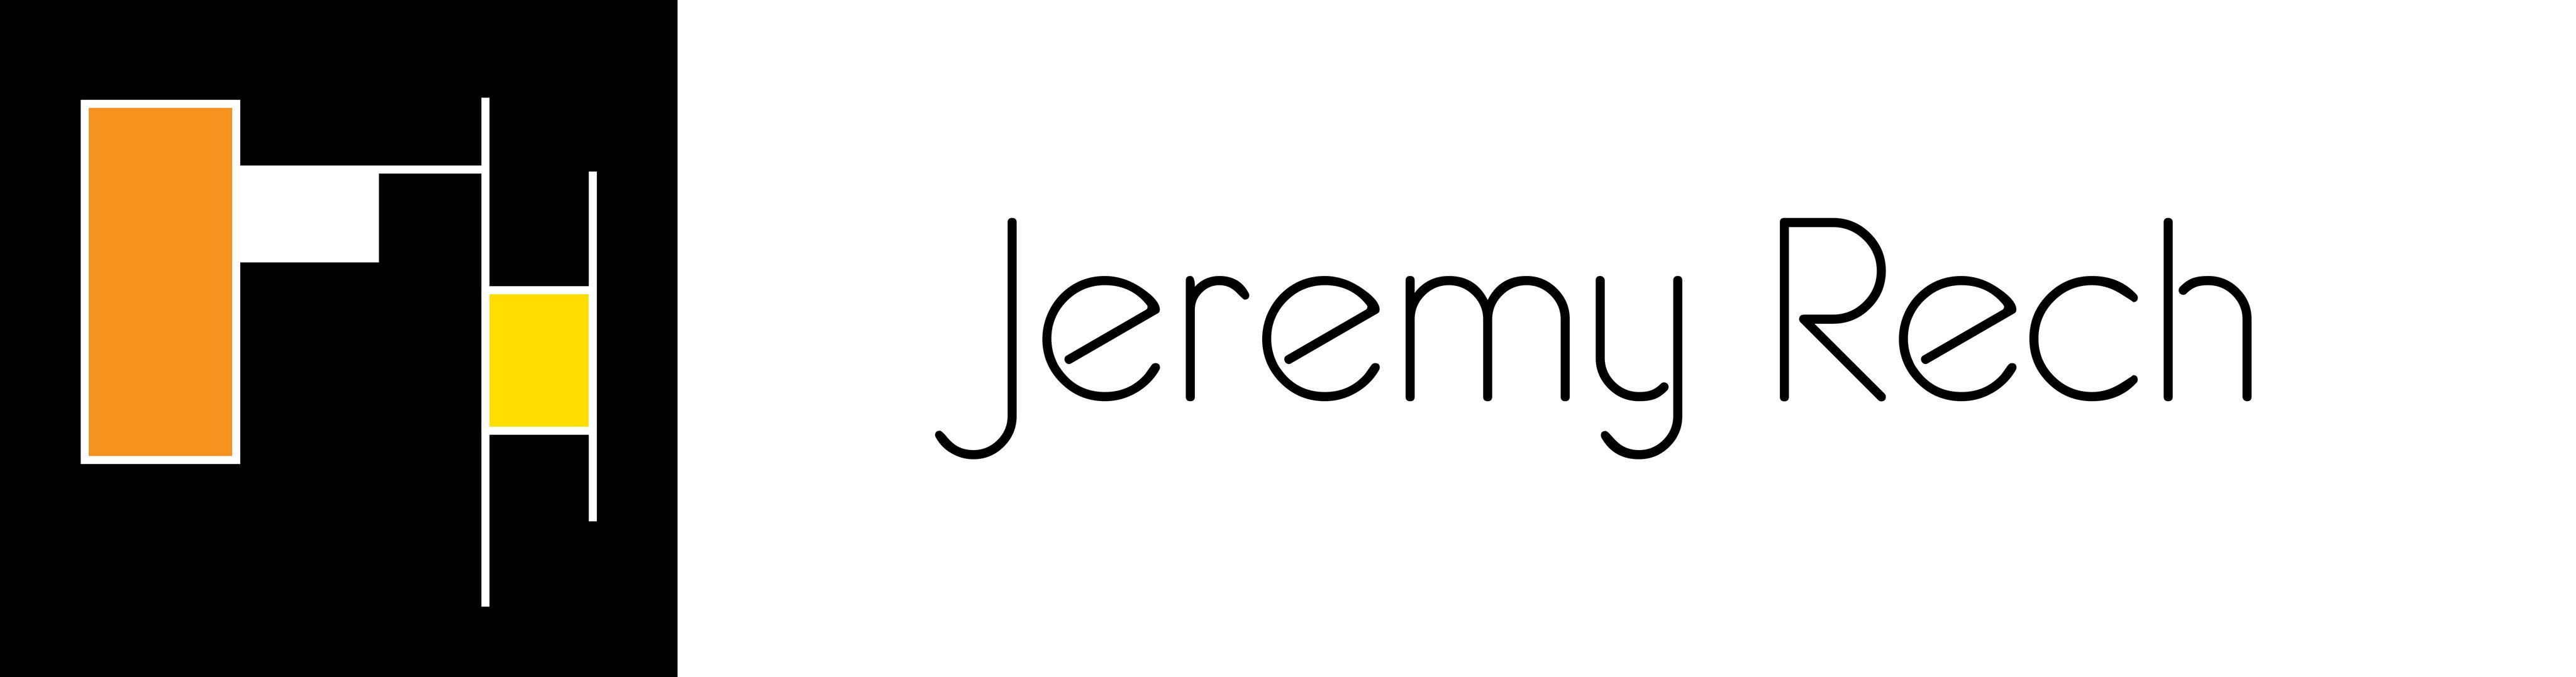 Jeremy Rech